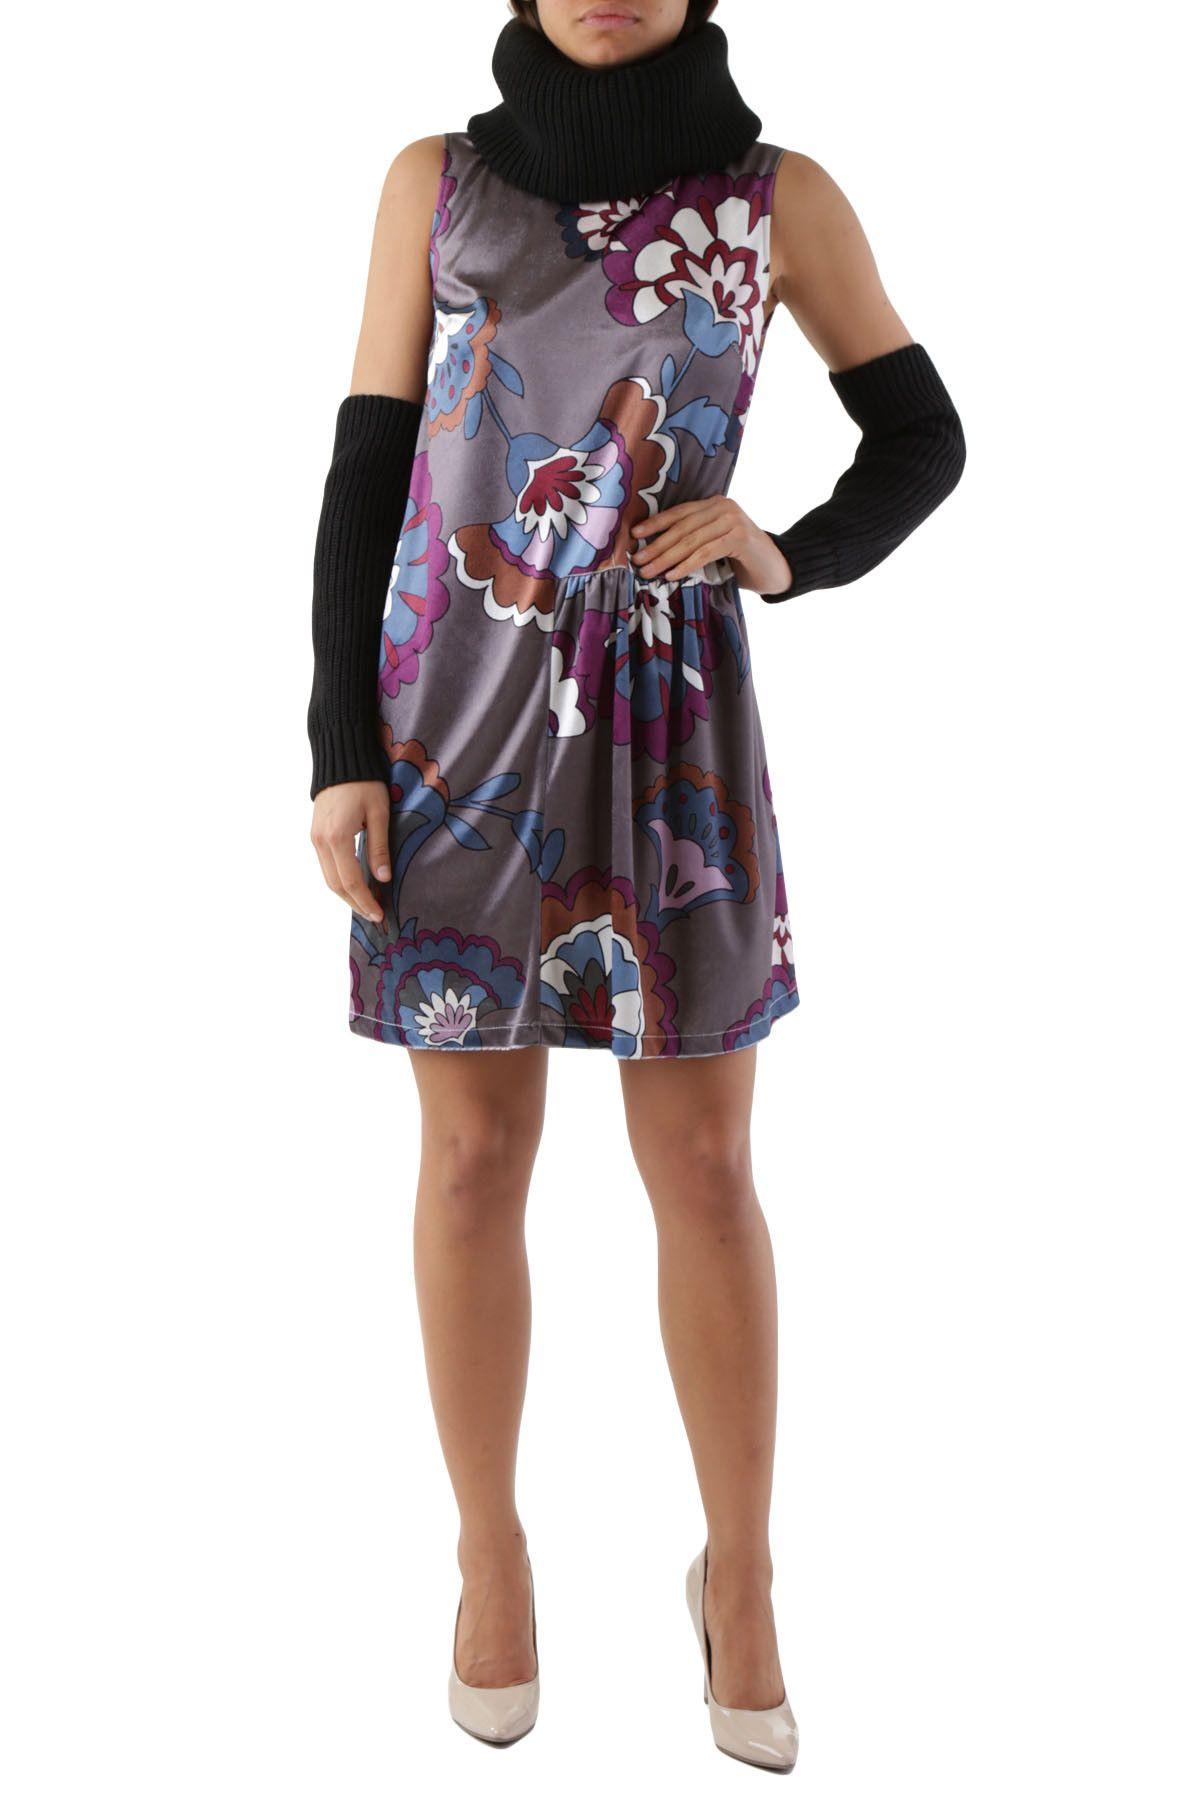 Olivia Hops Women's Dress In Grey